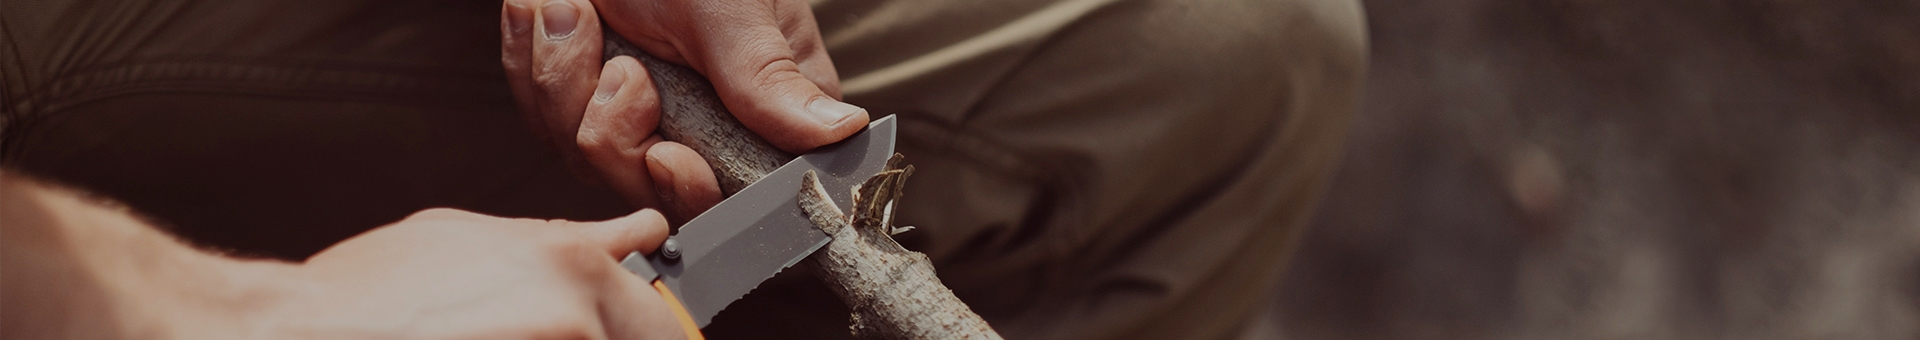 Outils et Couteaux